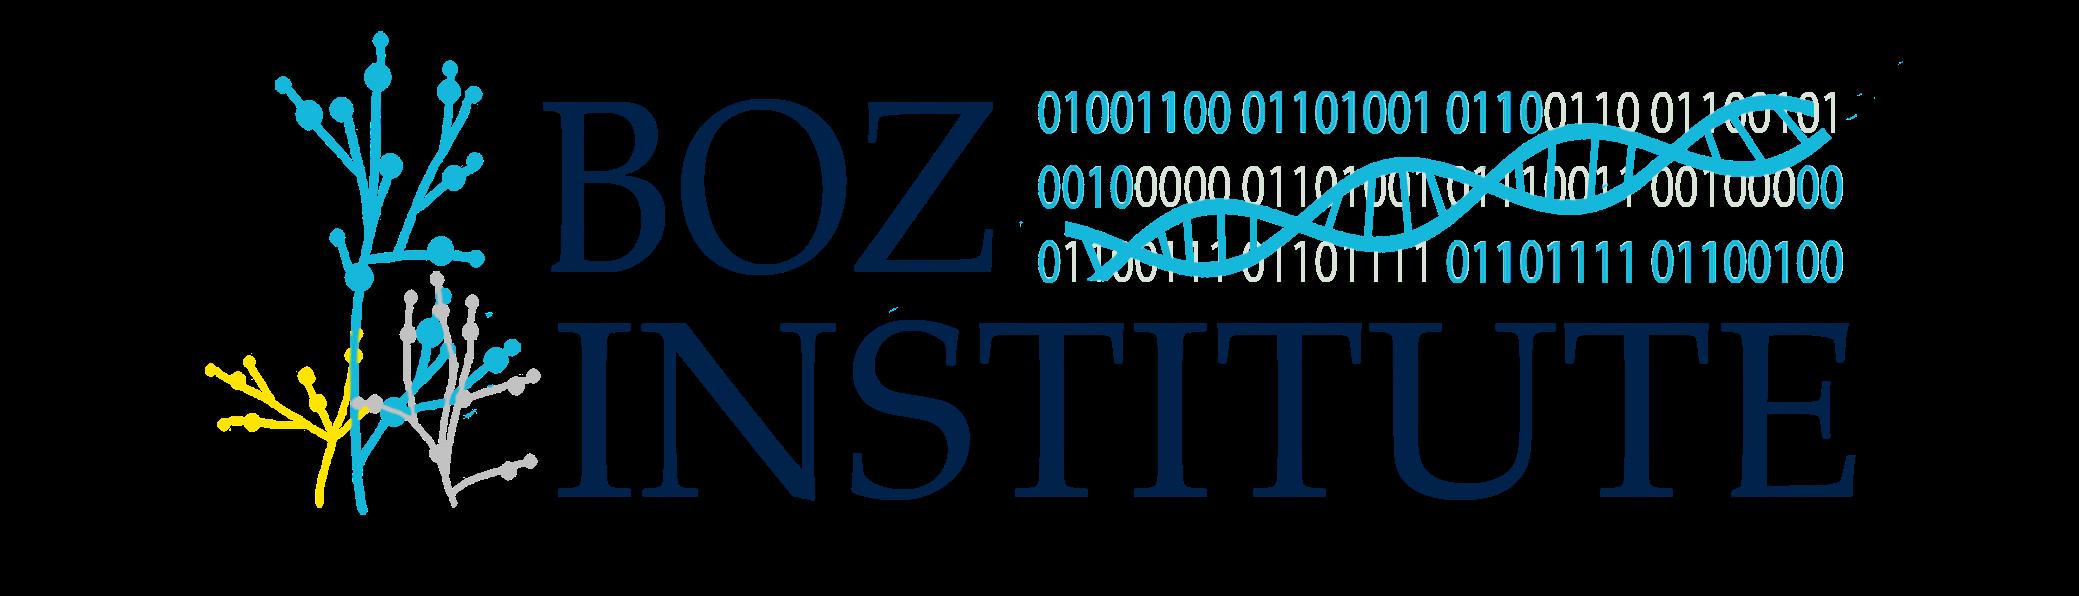 Boz Institute